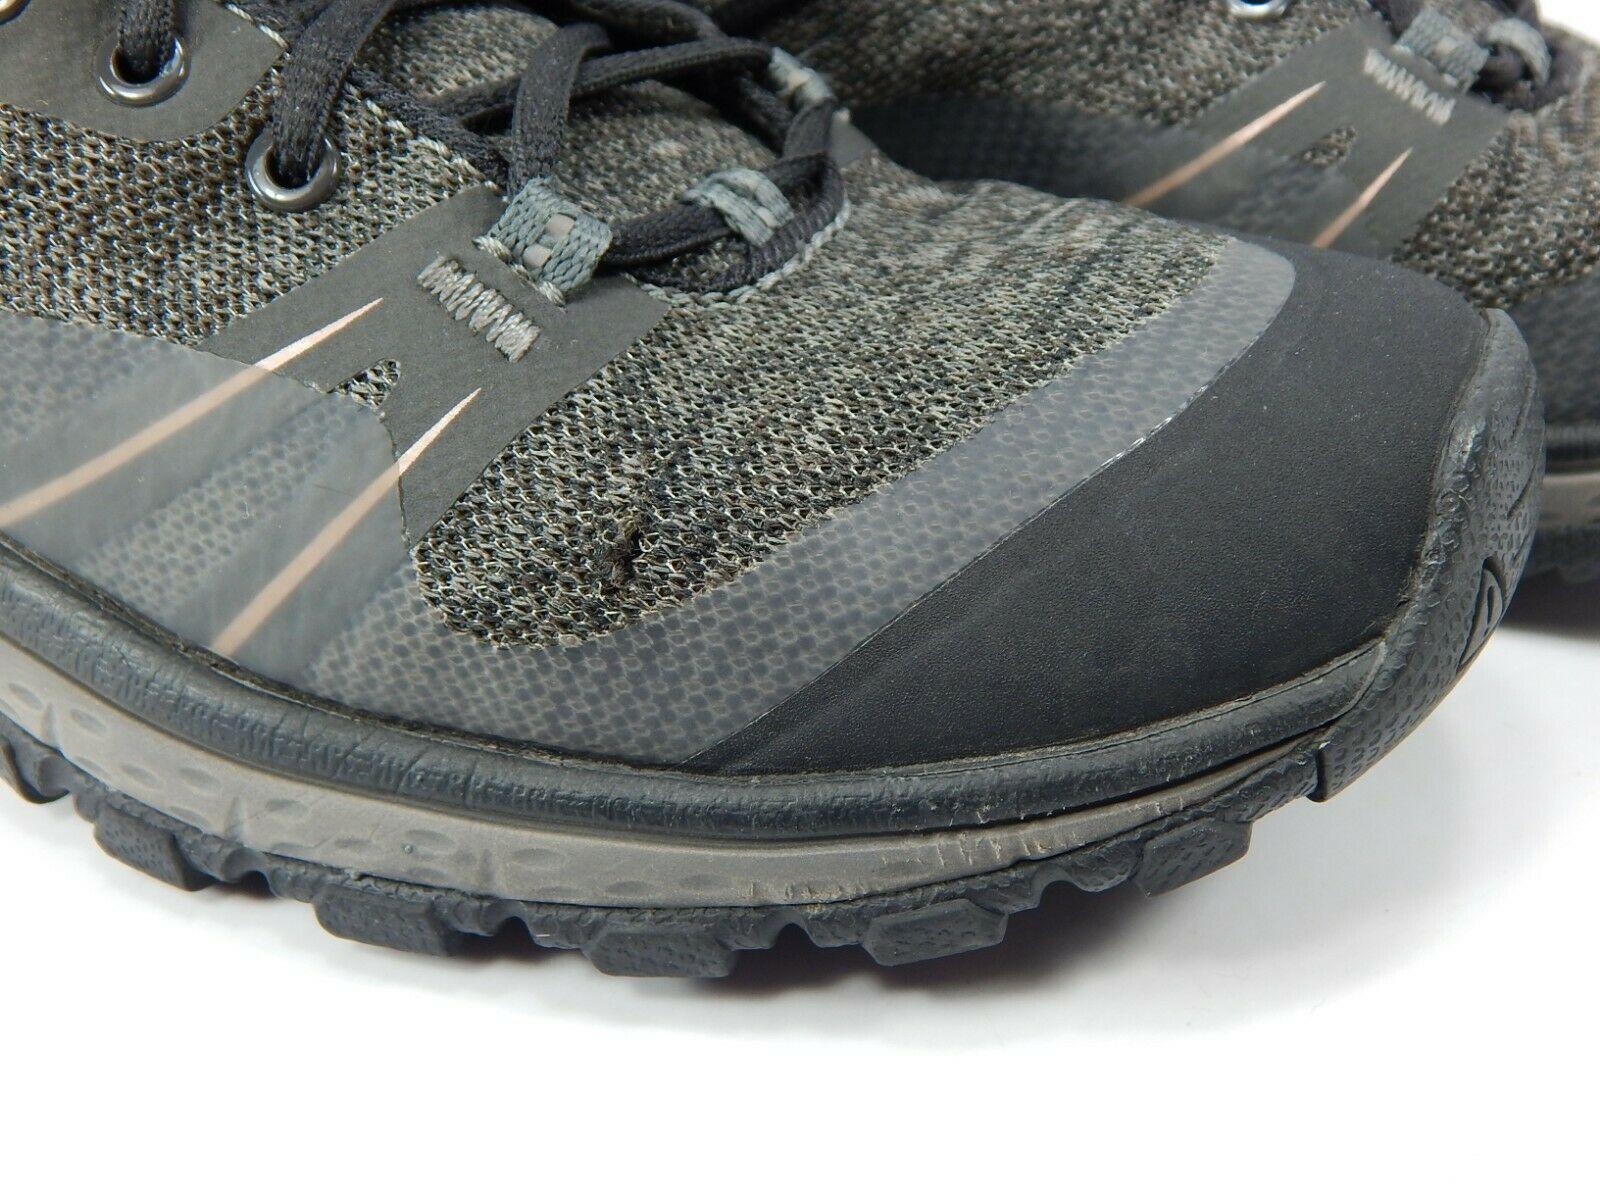 Keen Terradora Size 7.5 M (B) EU 38 Women's Waterproof Hiking Shoes Gray 1016772